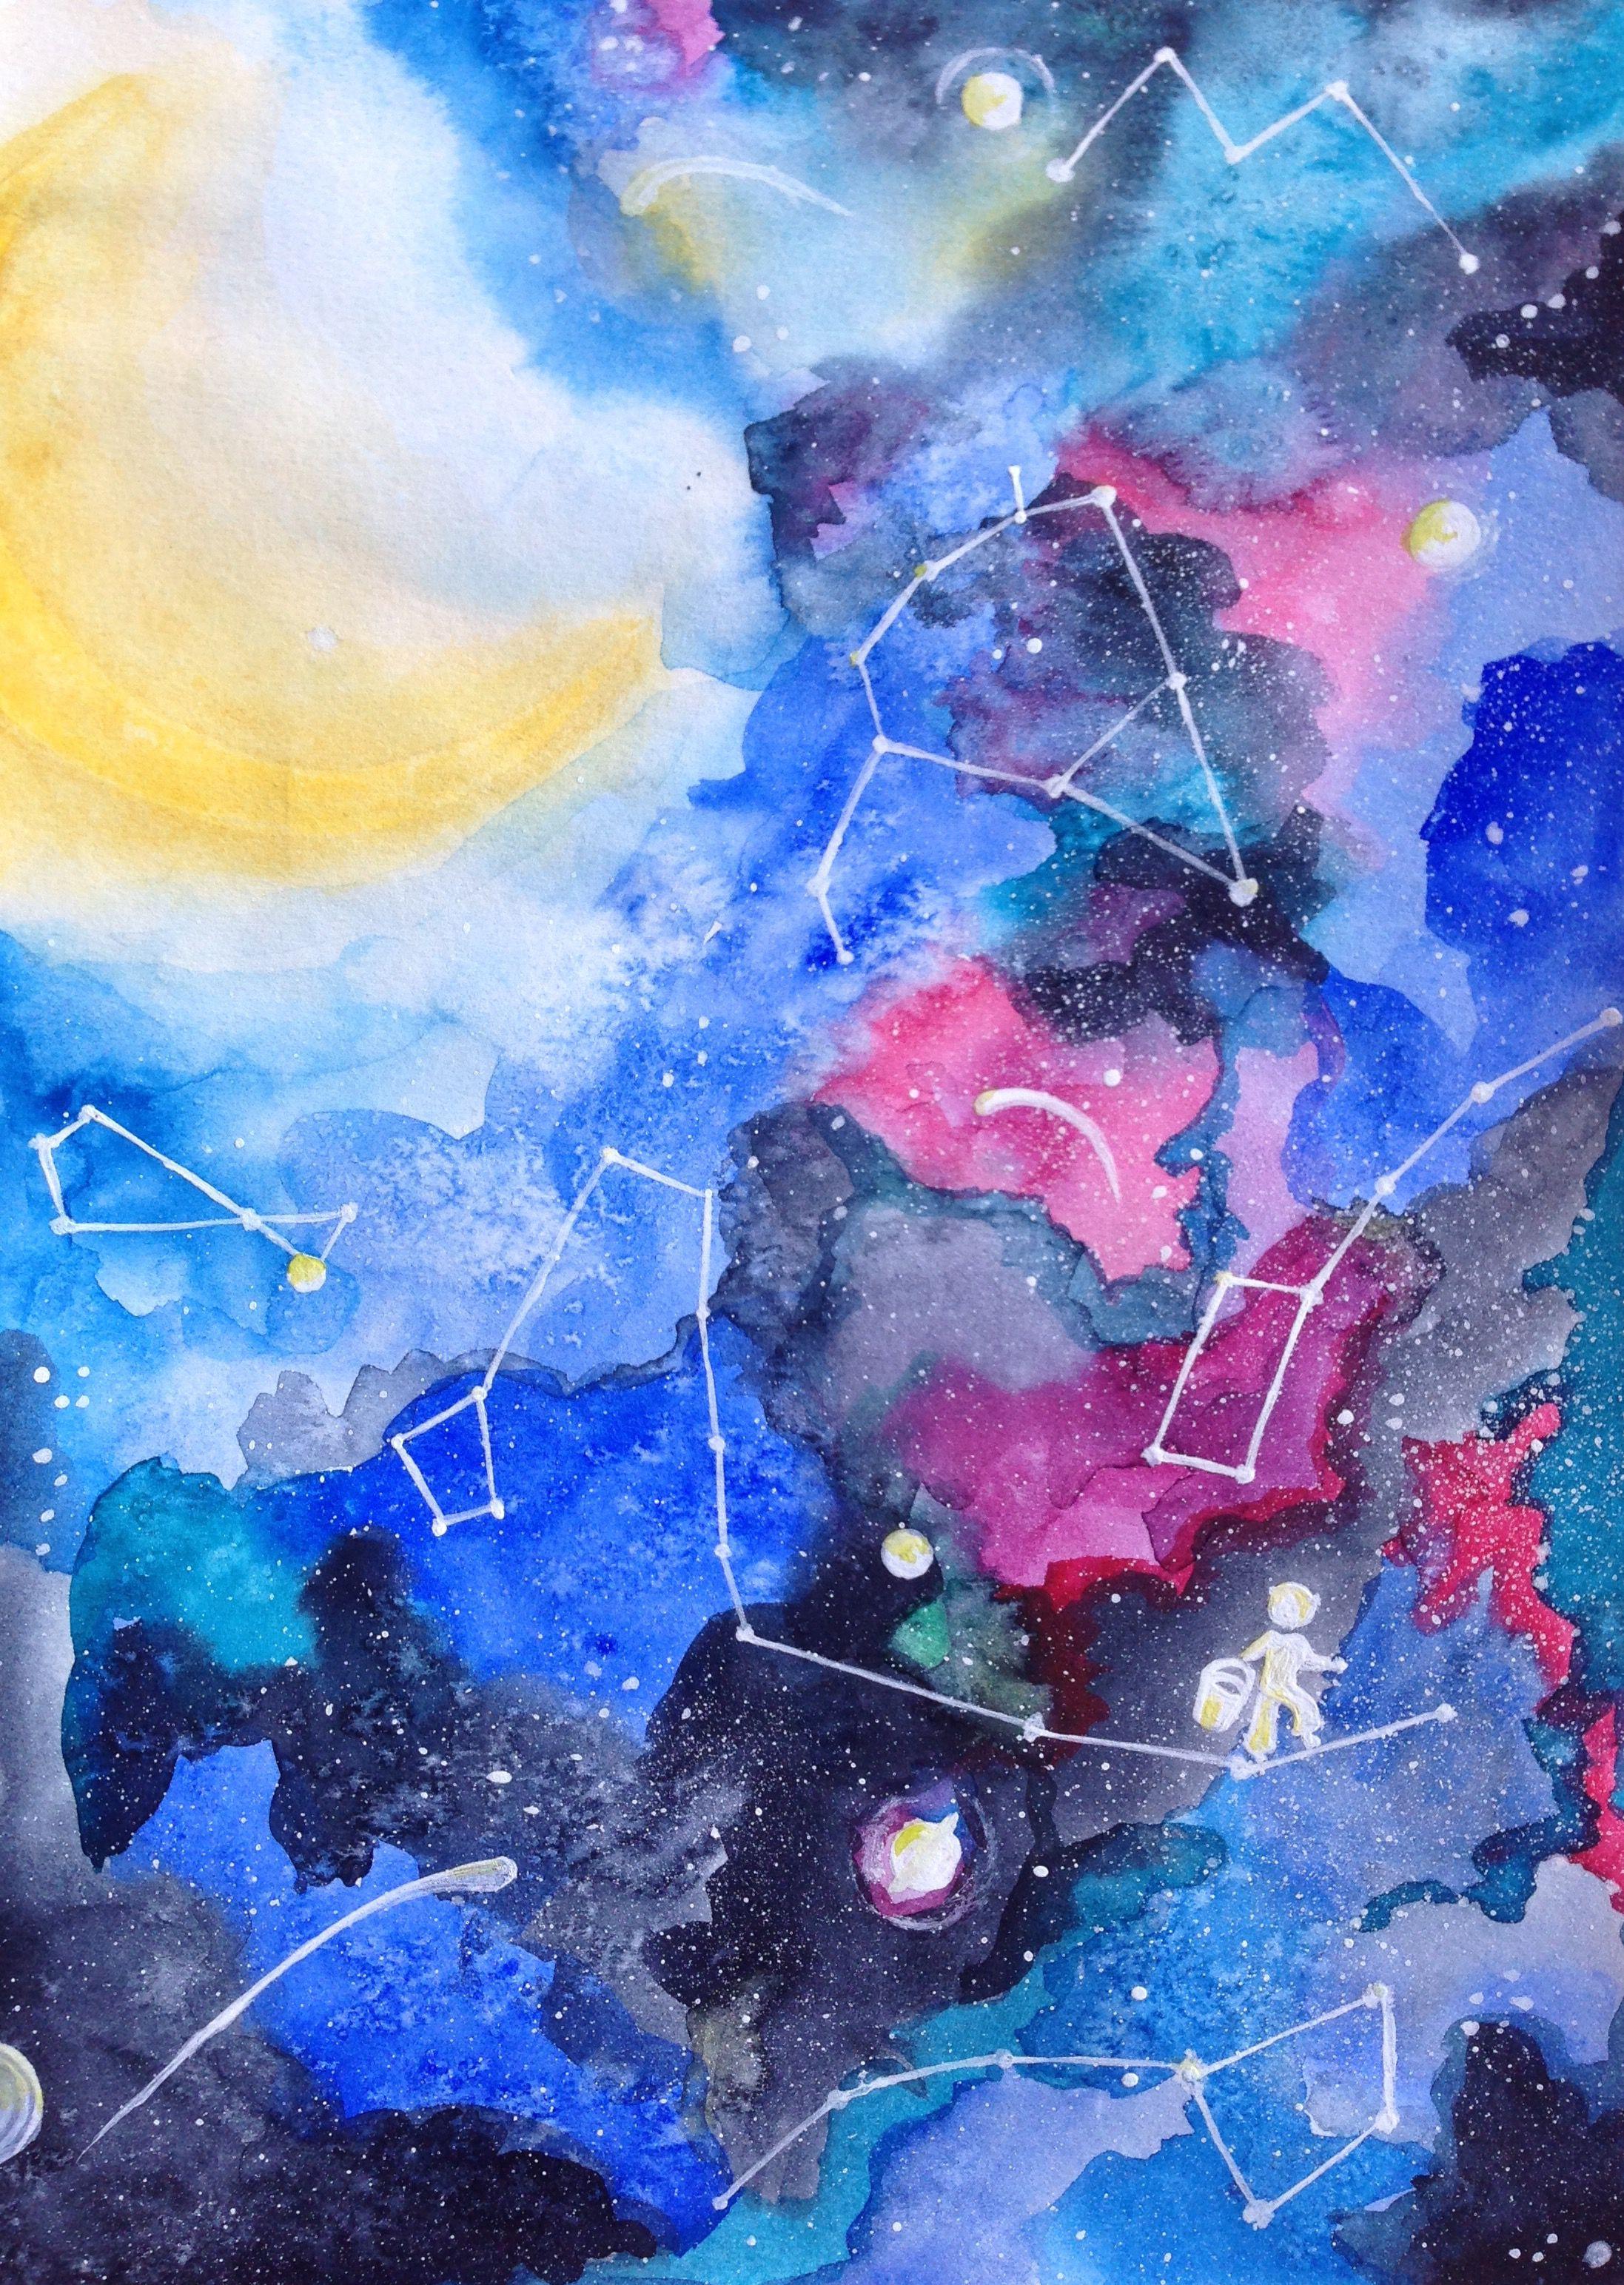 небо созвездия открытка космос акварель